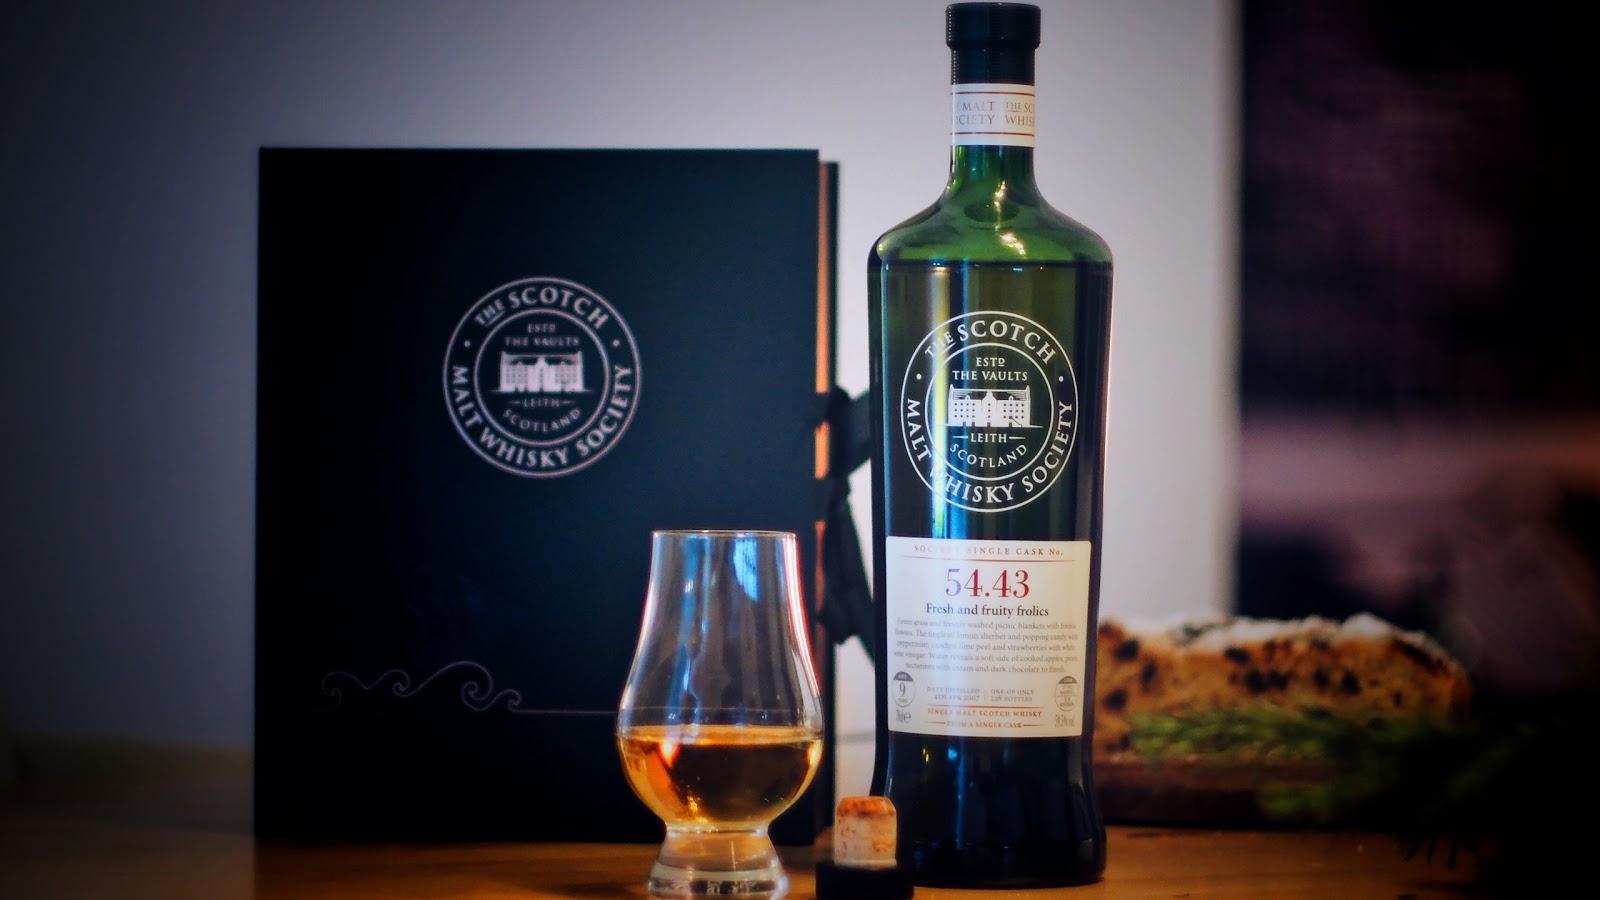 Ich bin ein Whisky Freund und du kannst nun auch ein Clubmitglied der Scotch Malt Whisky Society werden, denn ich verlose hier eine Jahresmitgliedschaft.